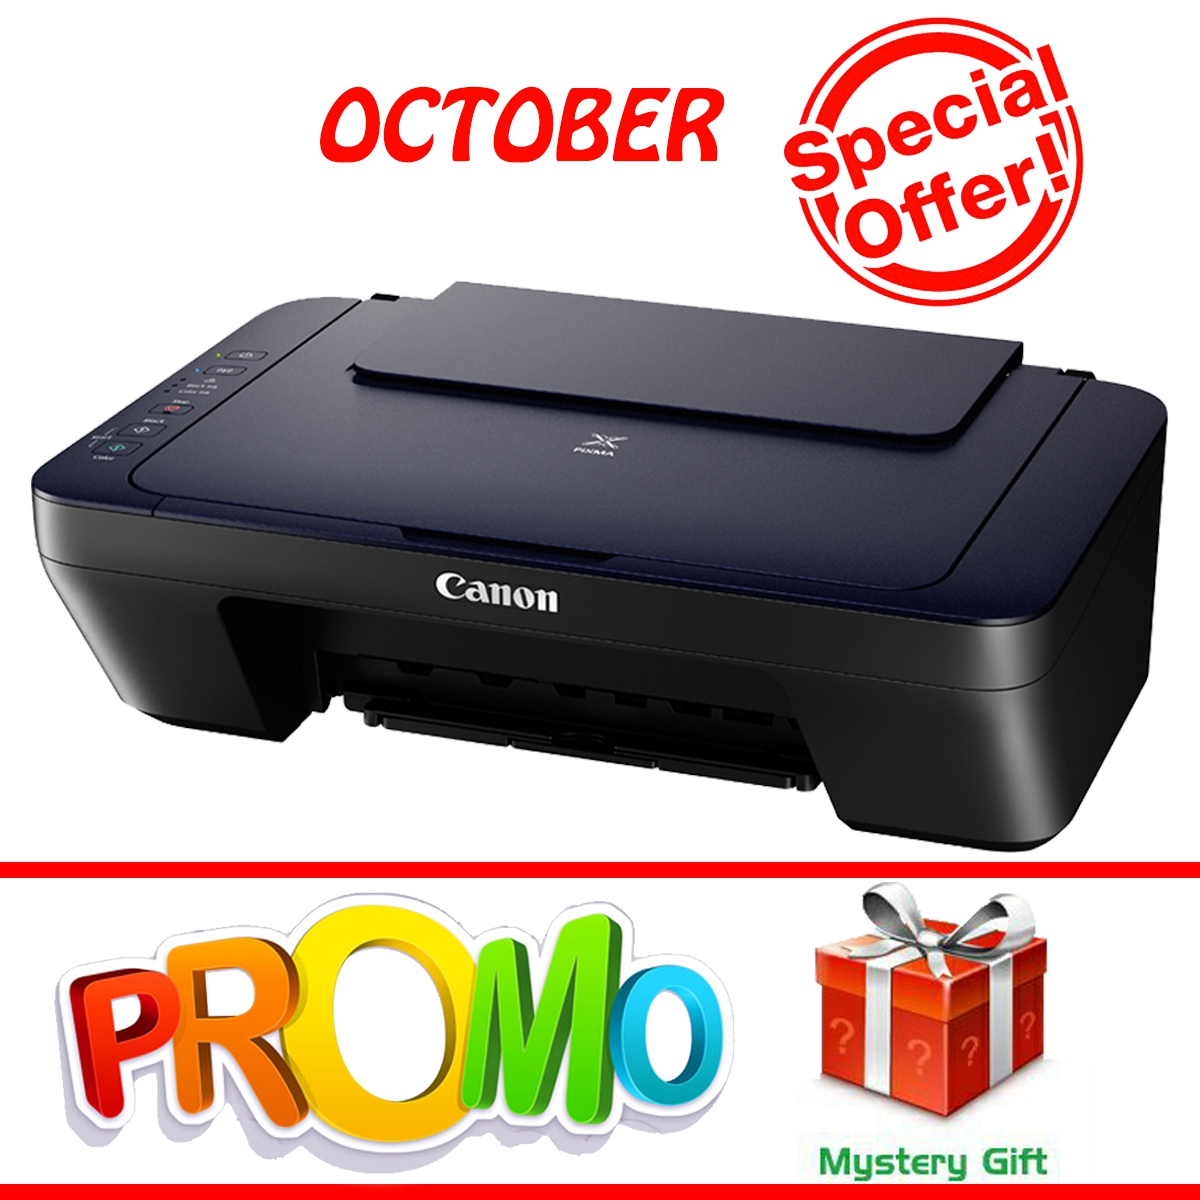 canon printer e410